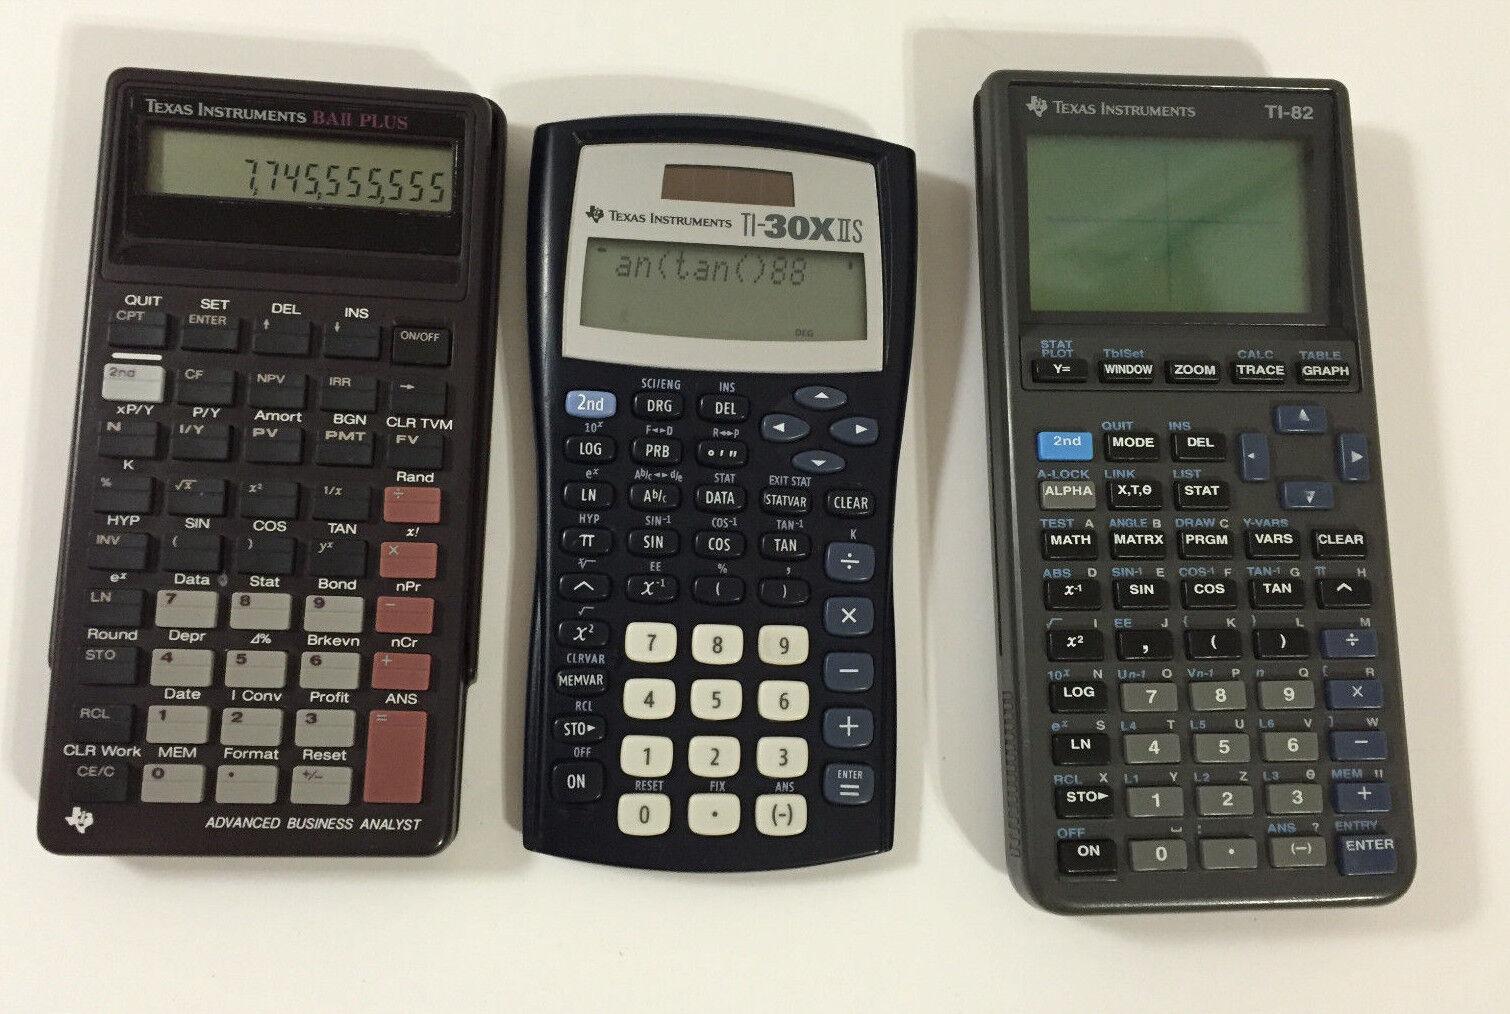 3 Texas Instruments Ti-82  - Ti-30X IIS  - BA II Plus